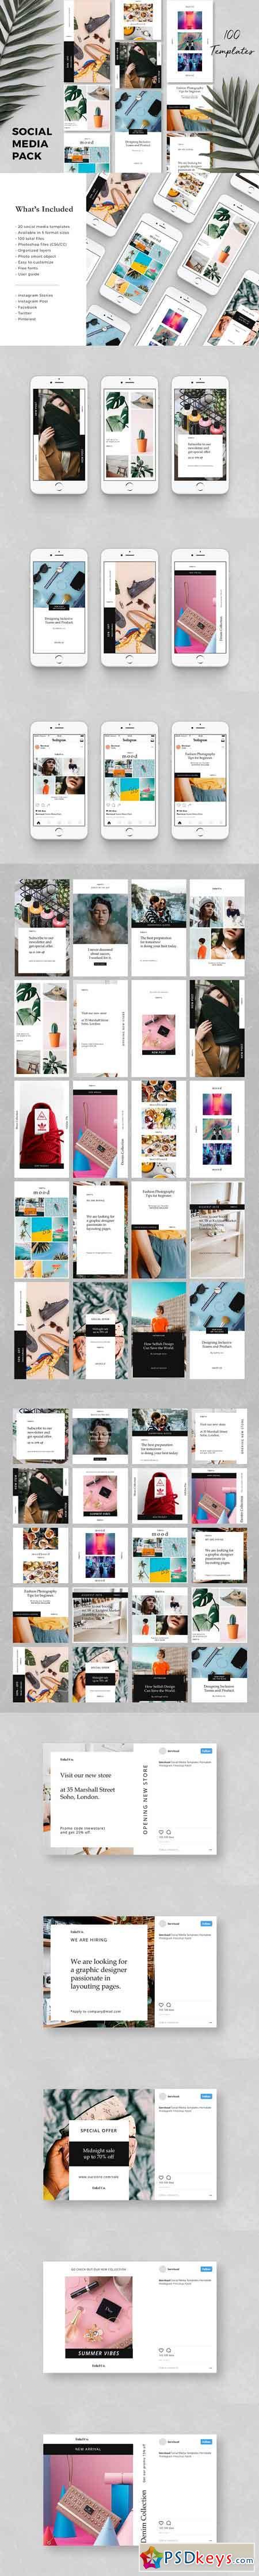 Noesa - Social Media Pack 2925065